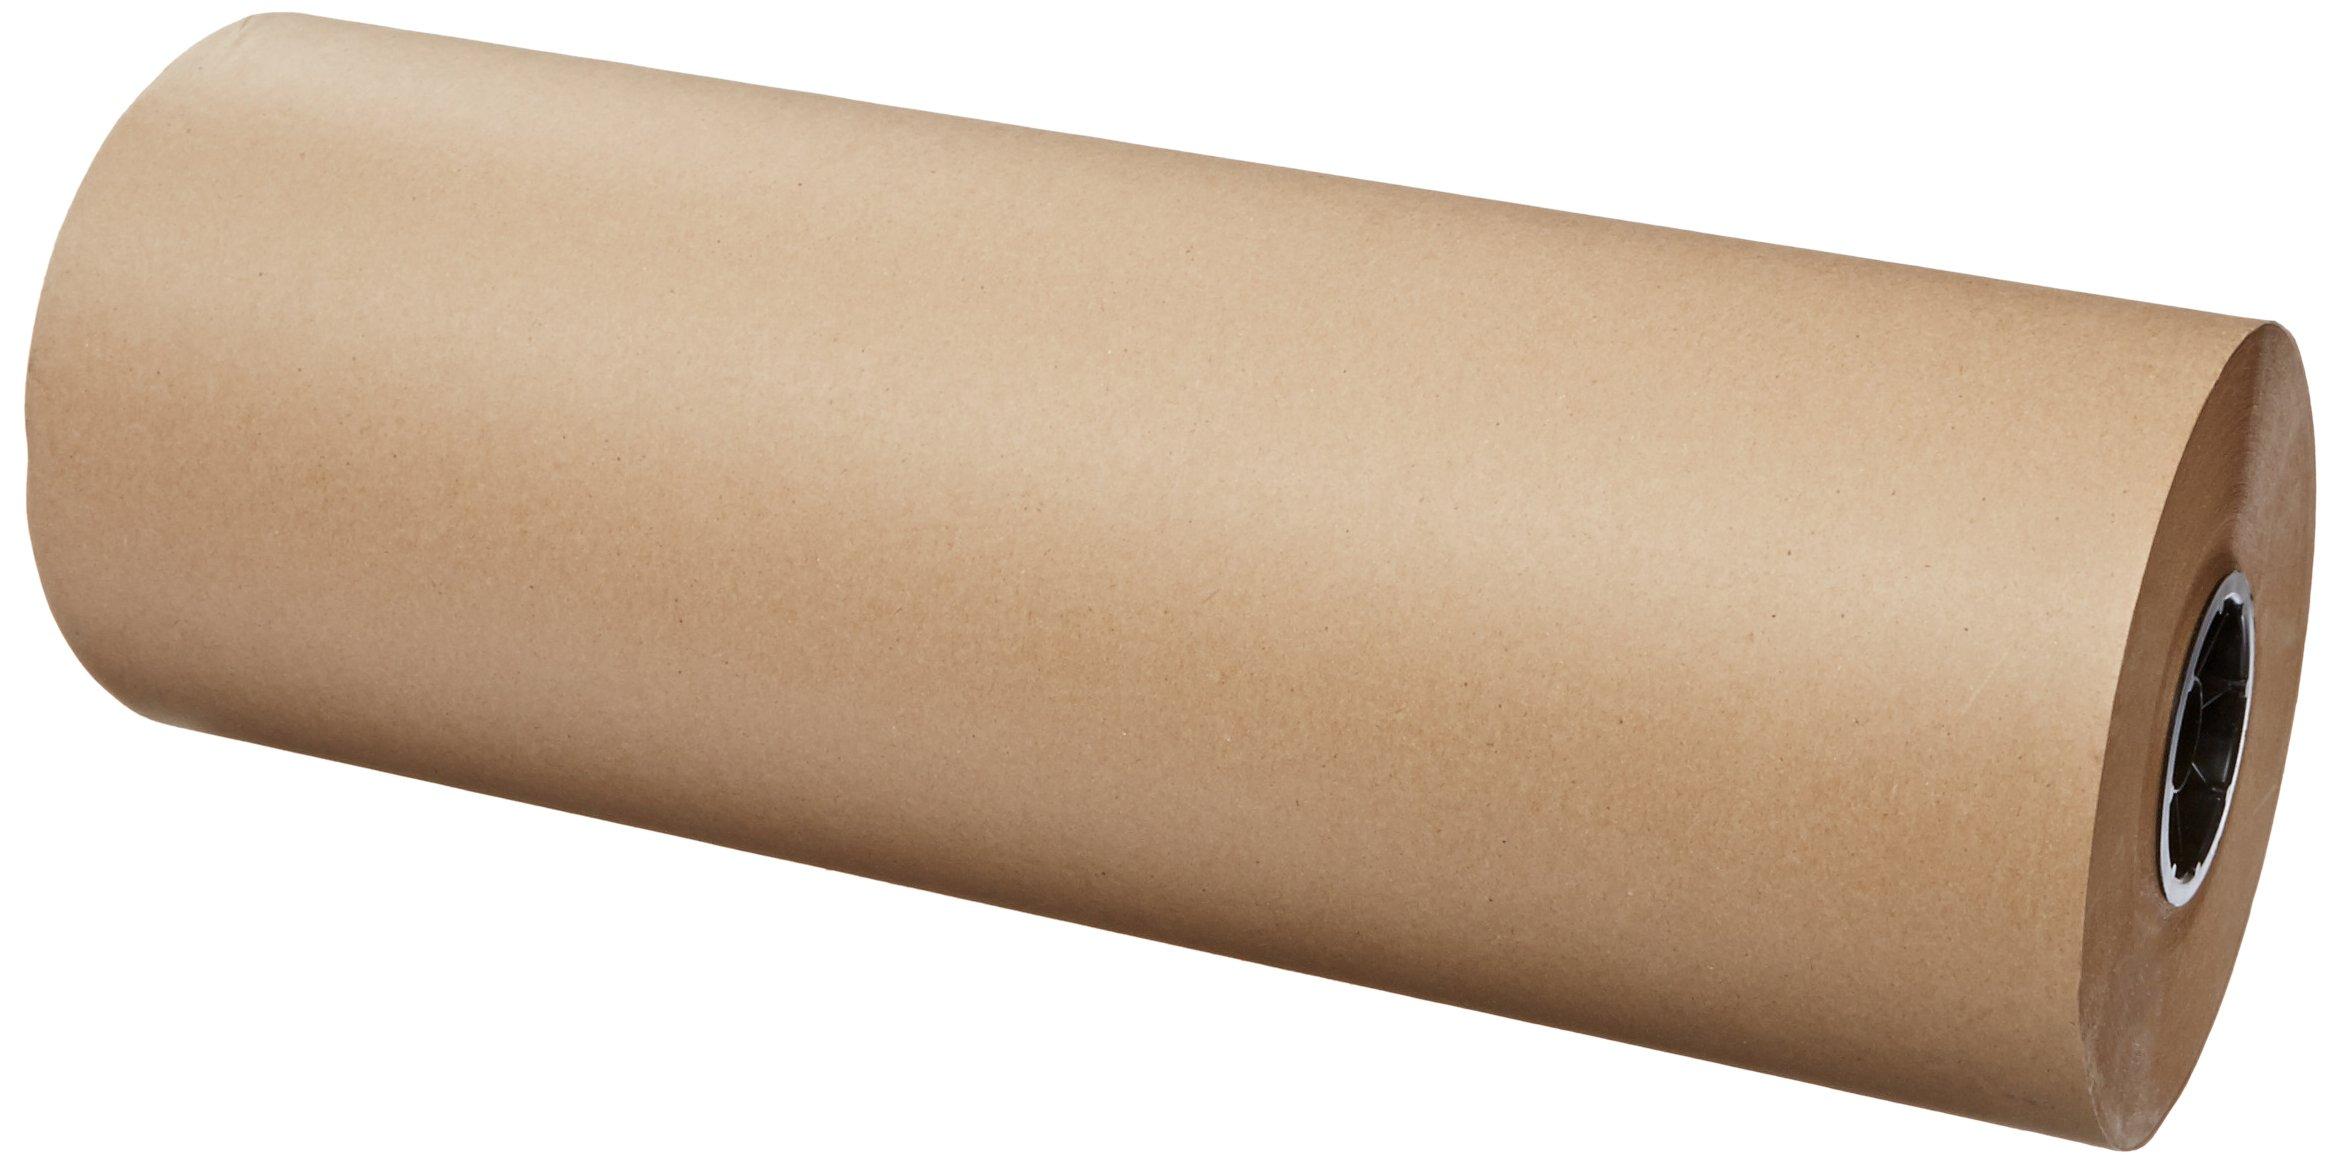 Pratt Multipurpose Kraft Paper Sheet for Packaging Wrap, KPR4024900R,  900' Length x 24'' Width, Kraft